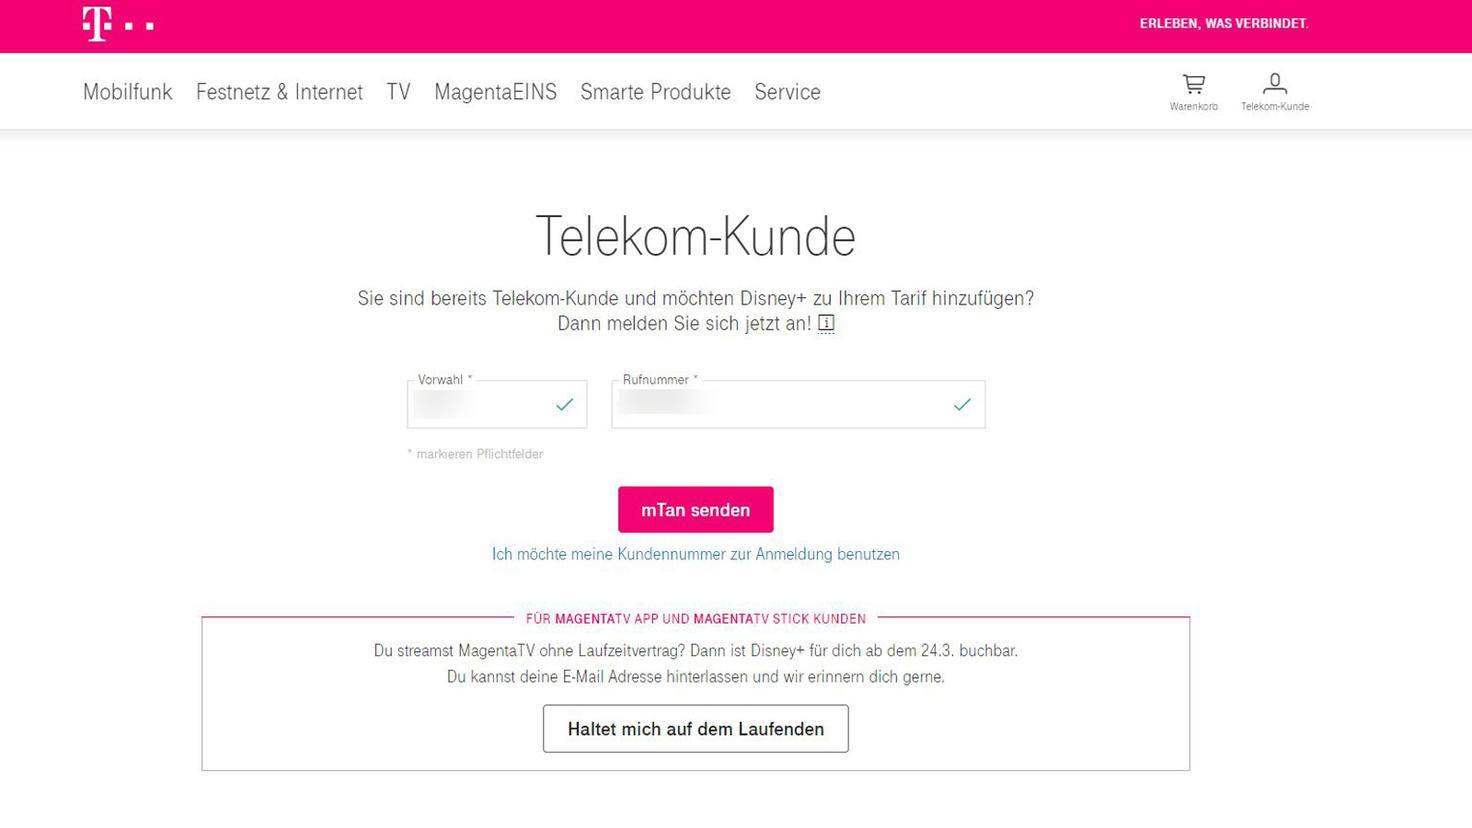 Sind die Daten korrekt? Dann bekommst Du von der Telekom eine mTan zugeschickt.